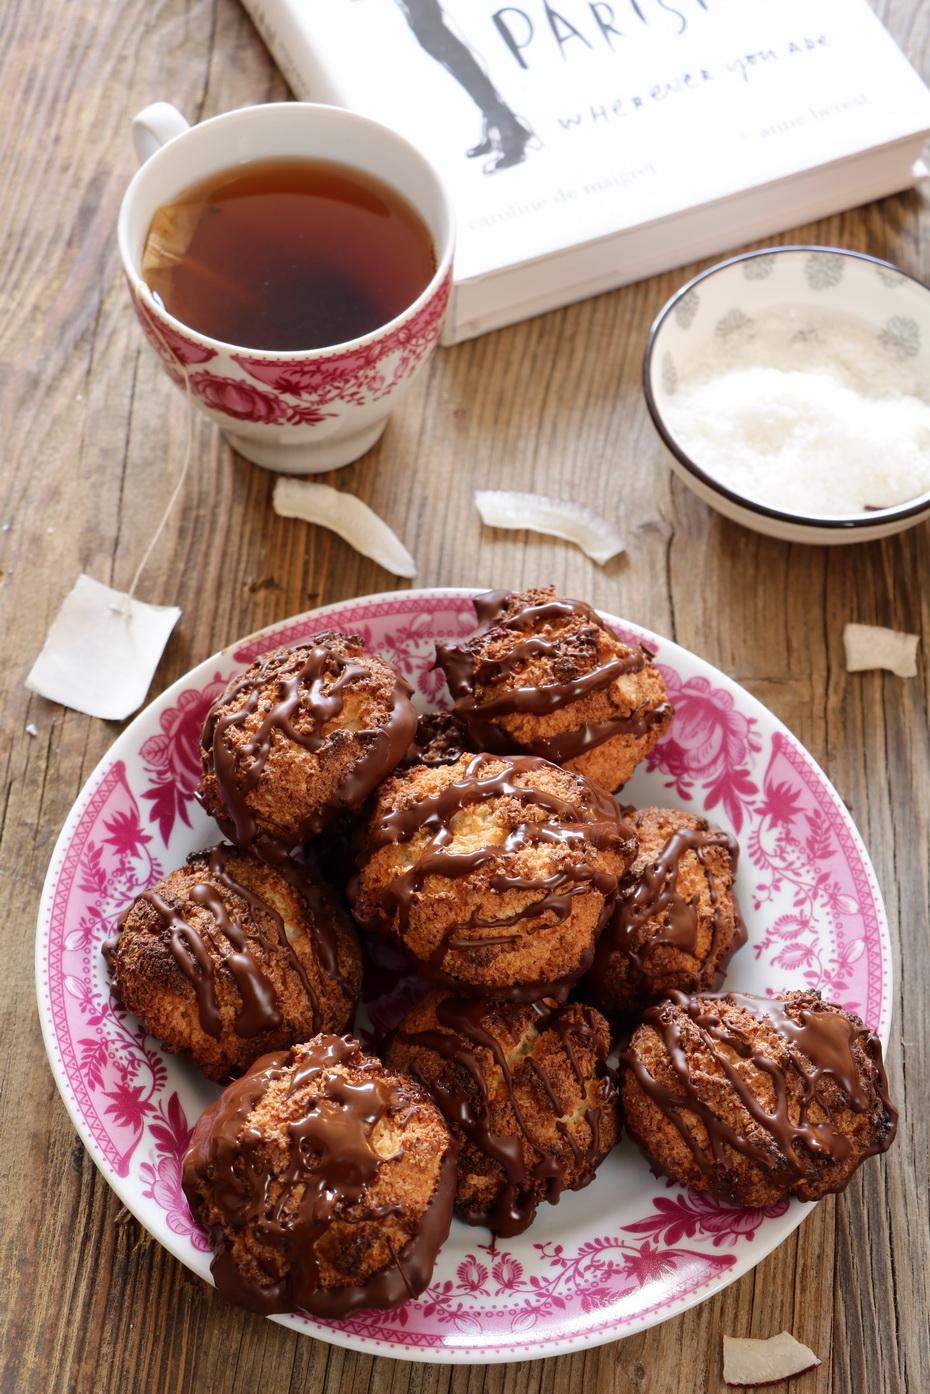 עוגיות קוקוס מושלמות לפסח ויש פחות מ-60 קלוריות בעוגיה